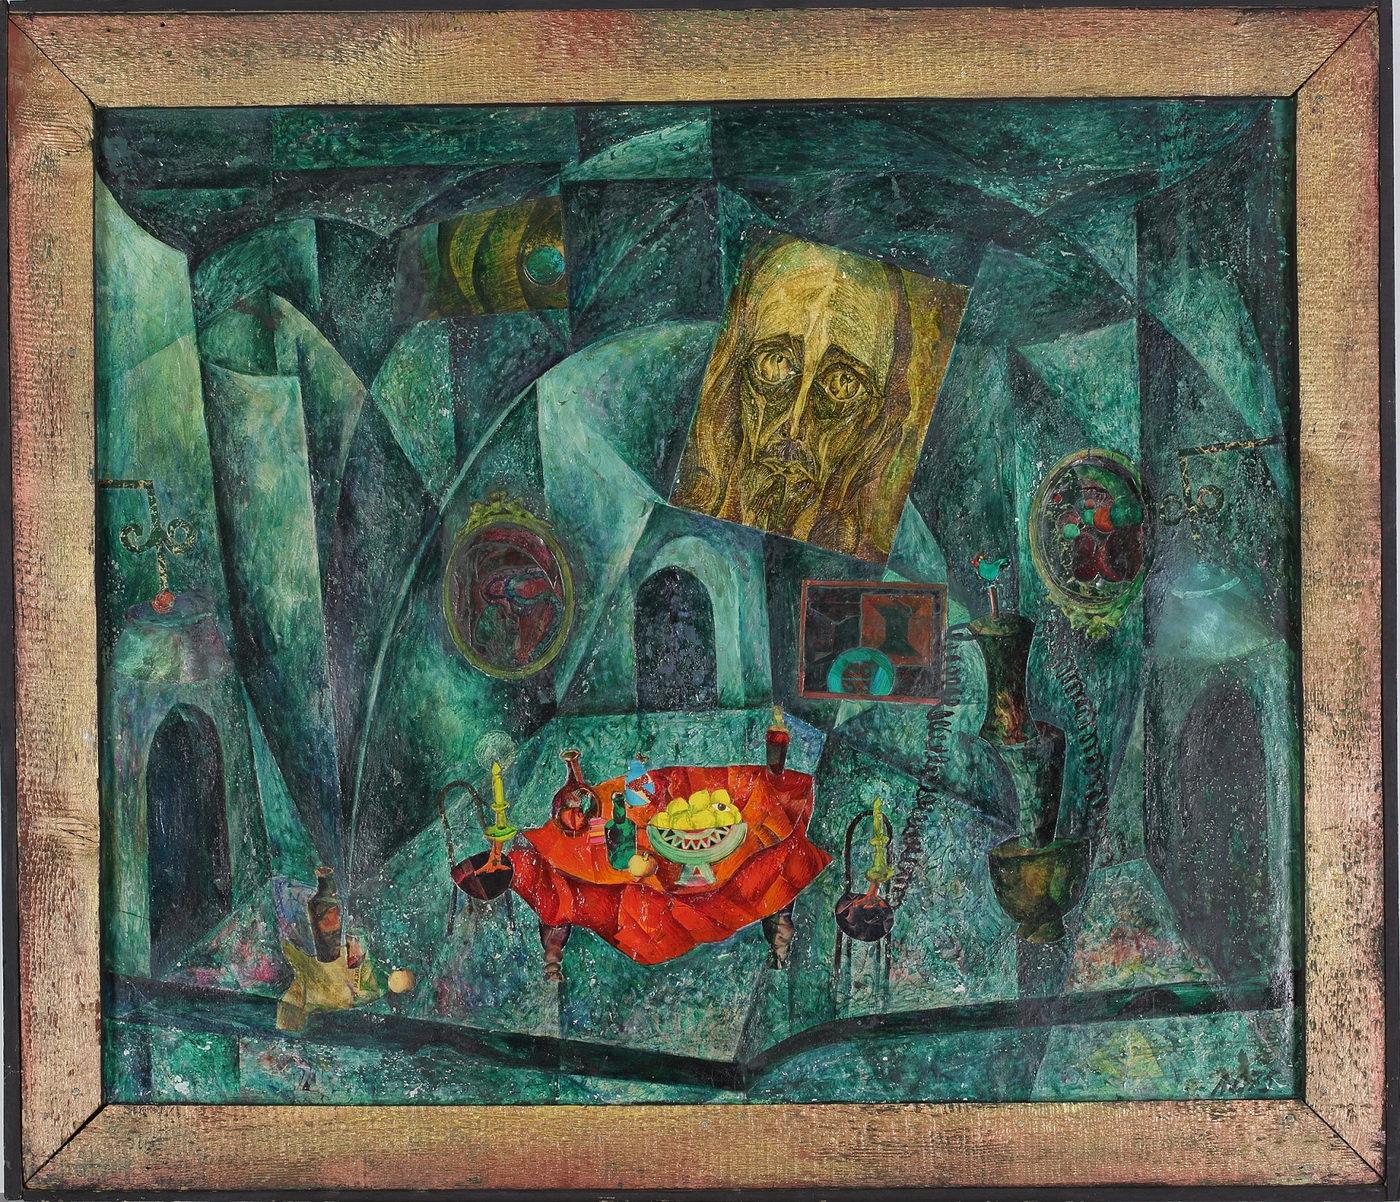 Ю. Лапшин. Эскиз к спектаклю Яд. 1975